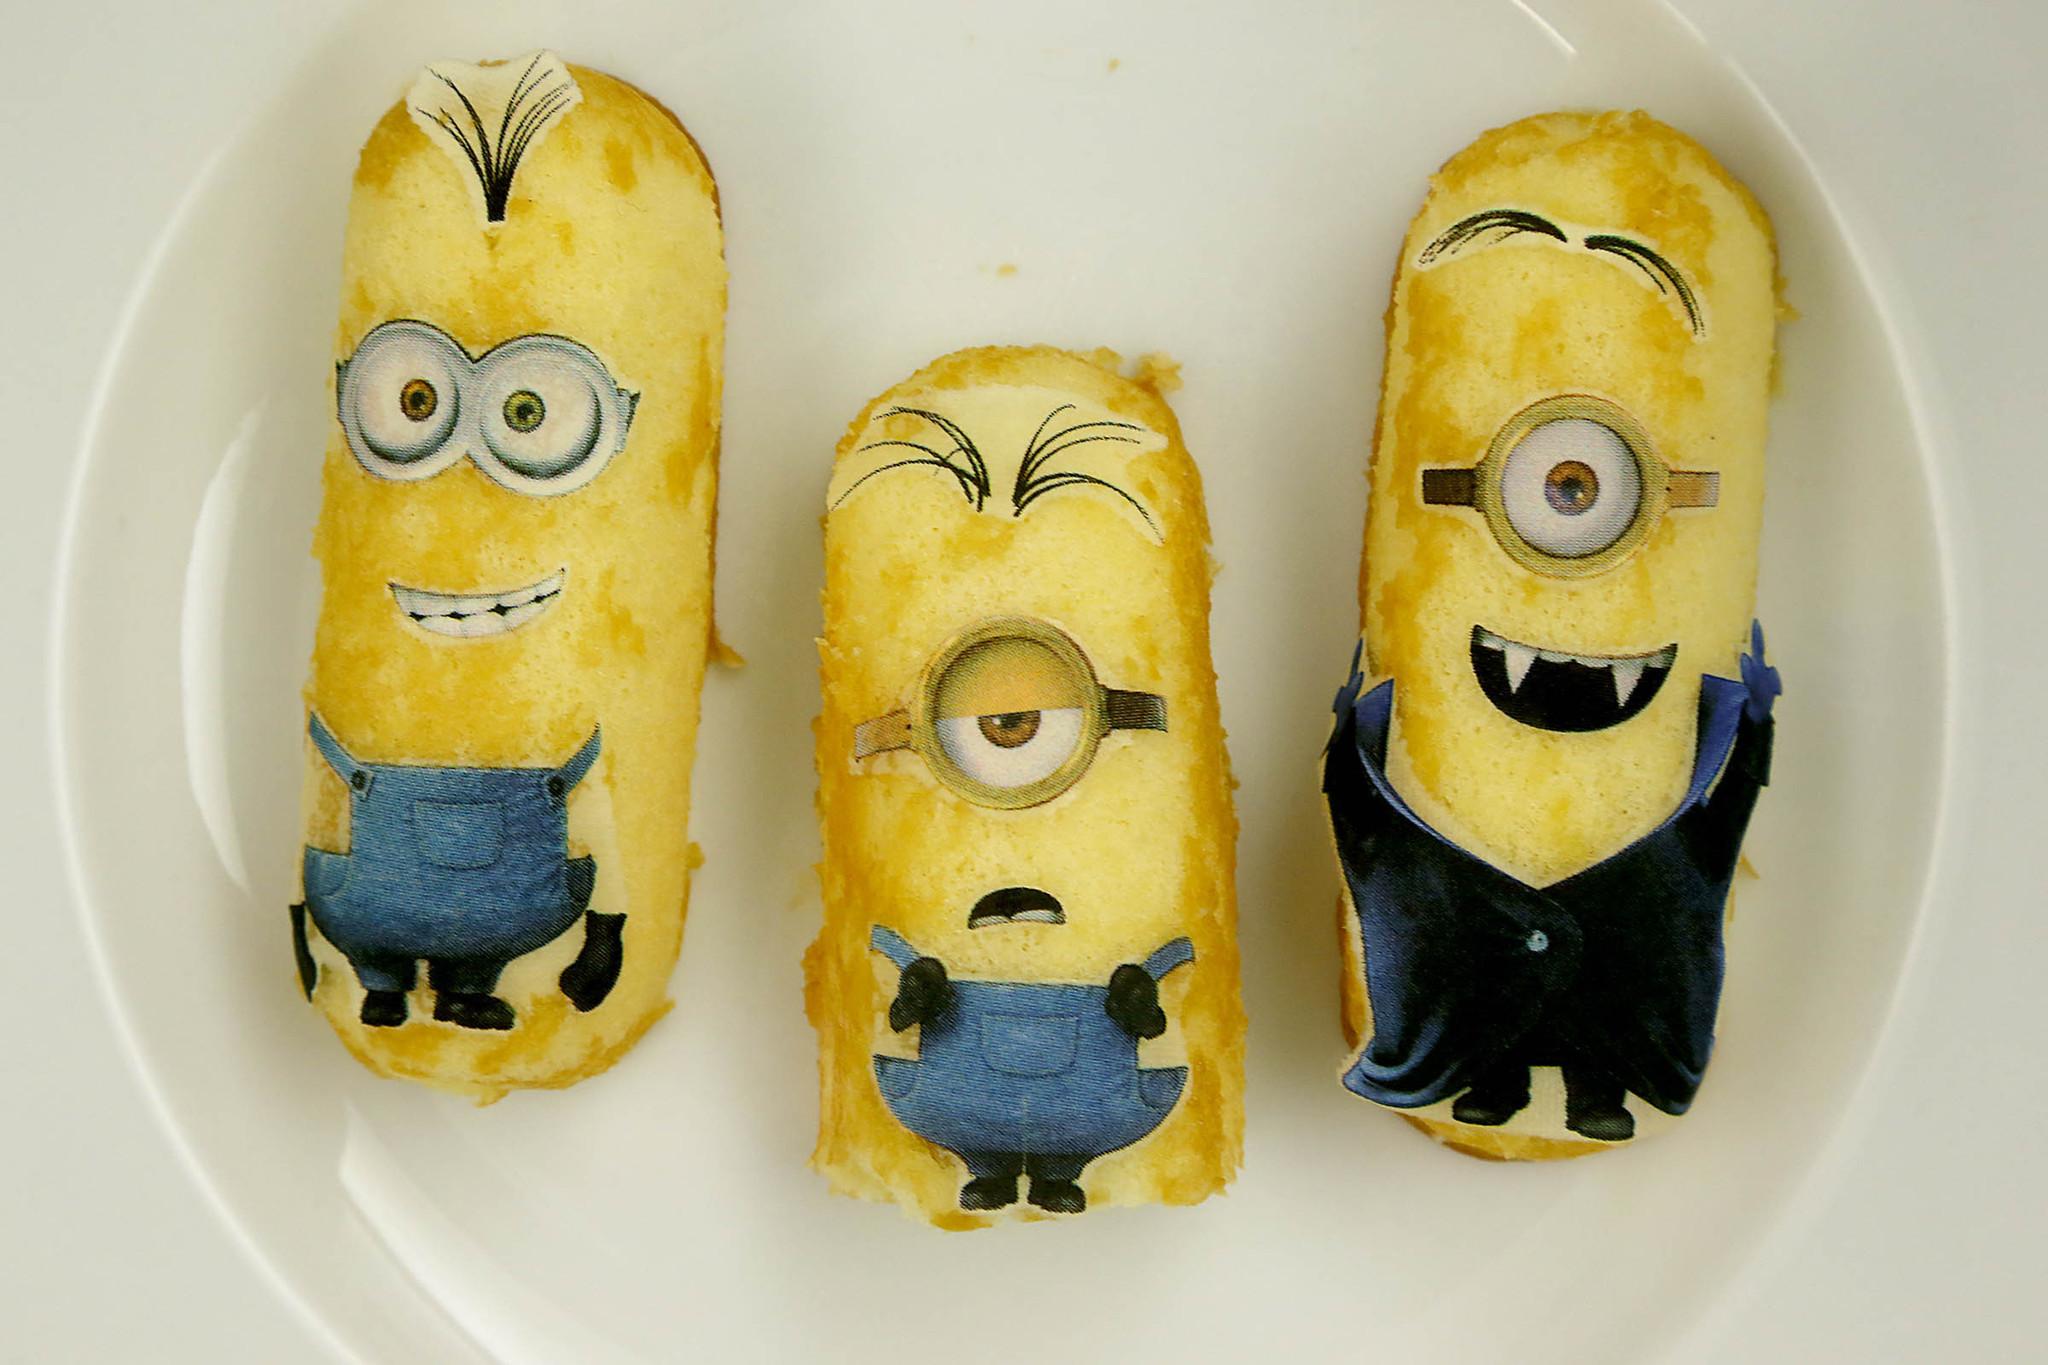 Minions Twinkies And Twinkies Cookbook La Times